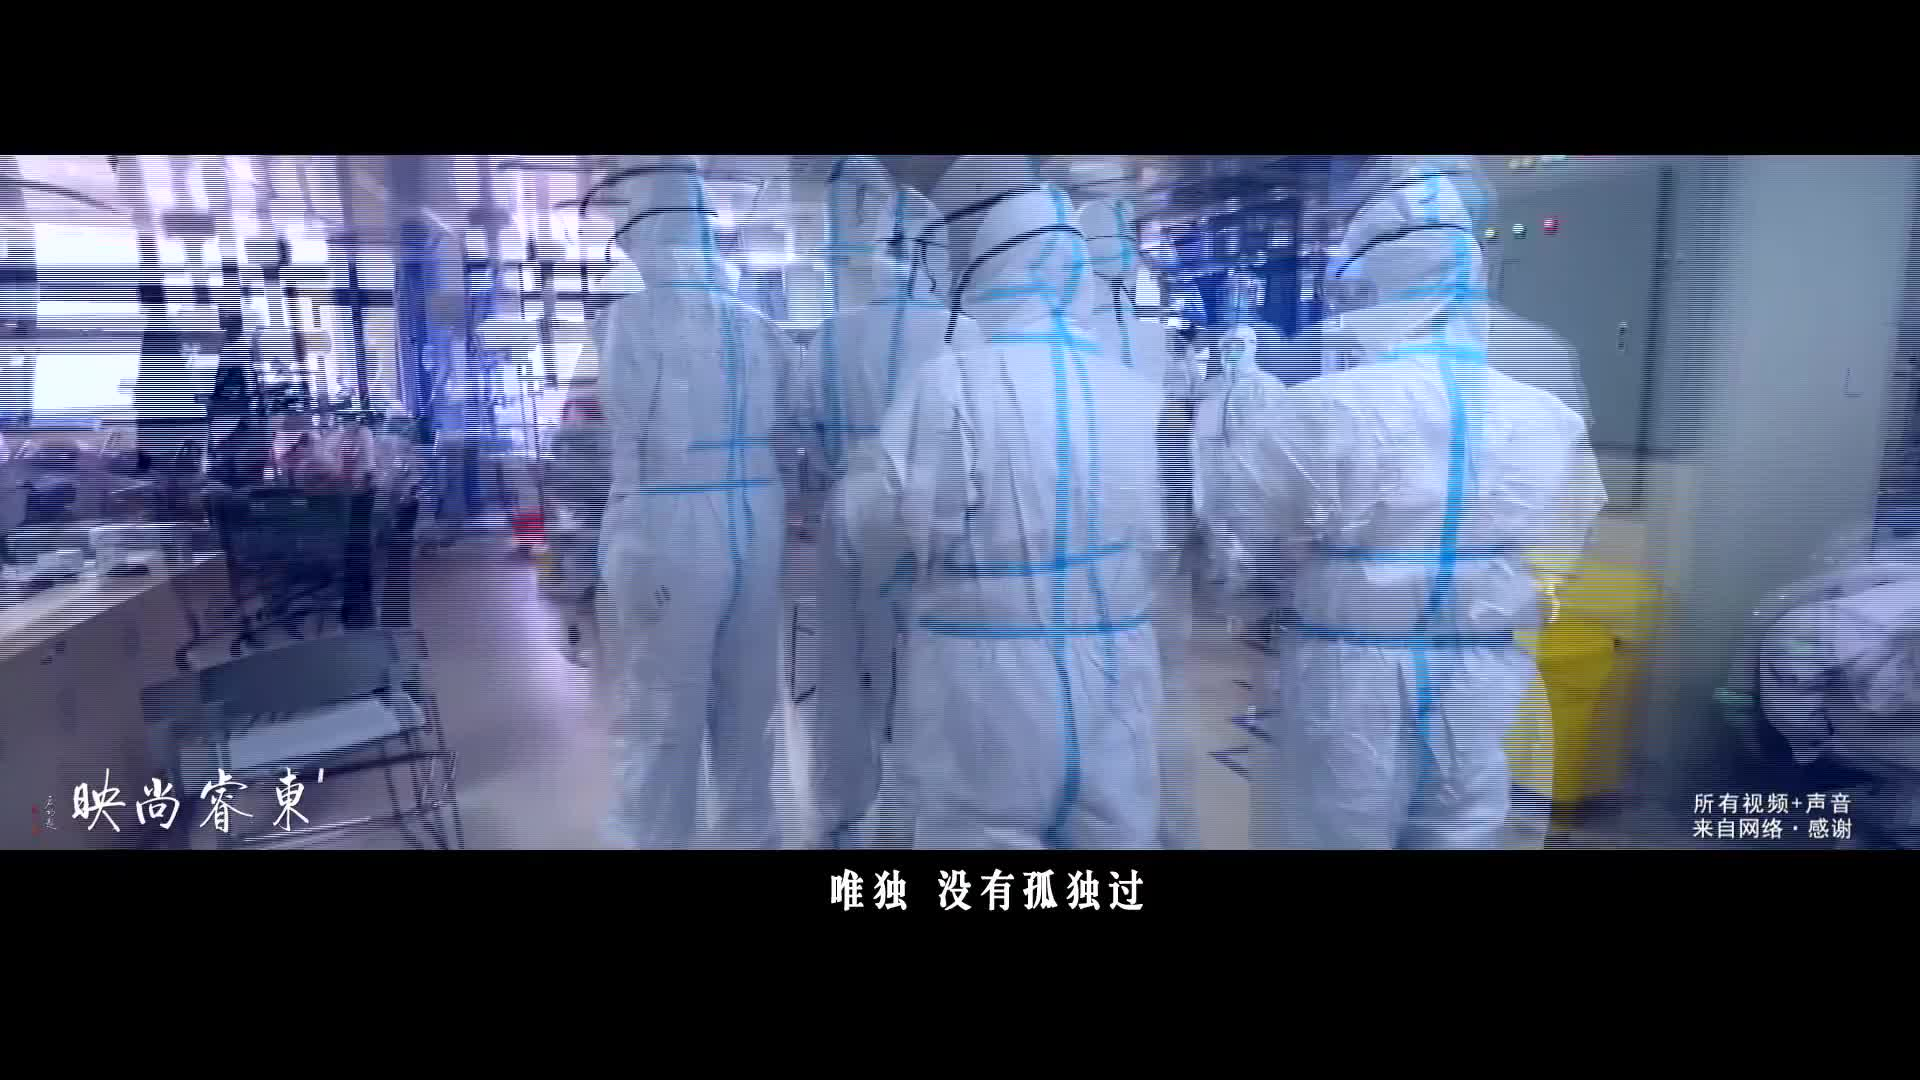 【疫情之下有真情】中国加油 ,感谢有你!